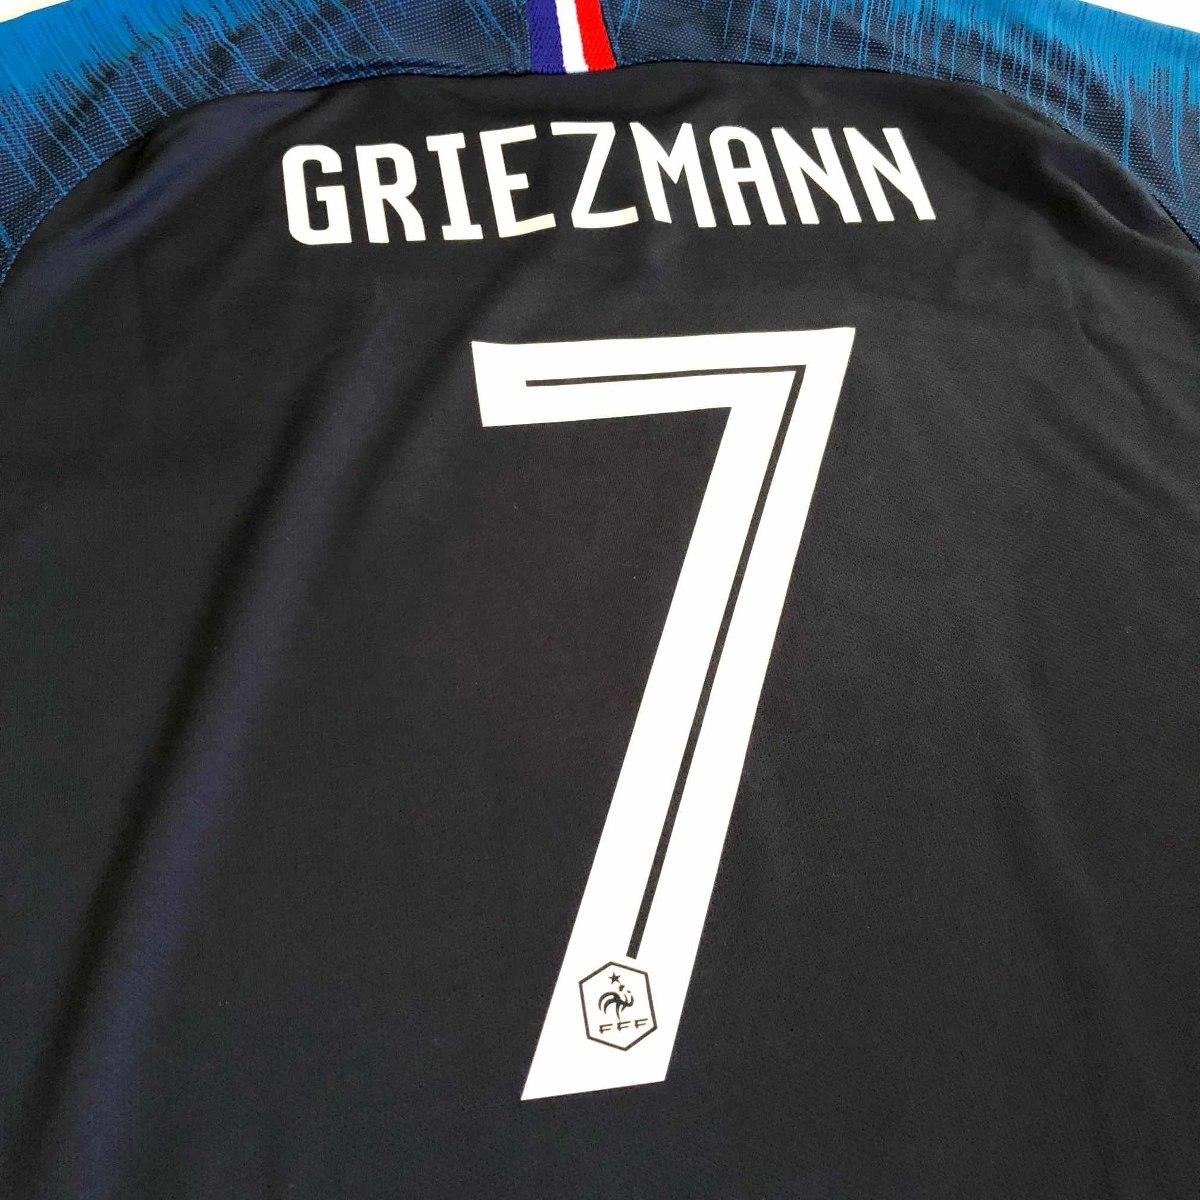 jersey playera francia campeón 2 estrellas 2018 griezmann. Cargando zoom. 04814356958bf